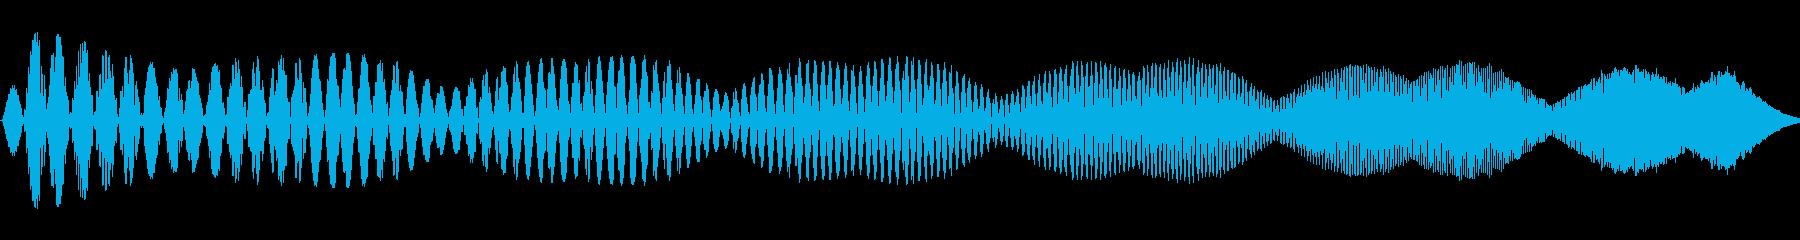 電動スワイプ3の再生済みの波形